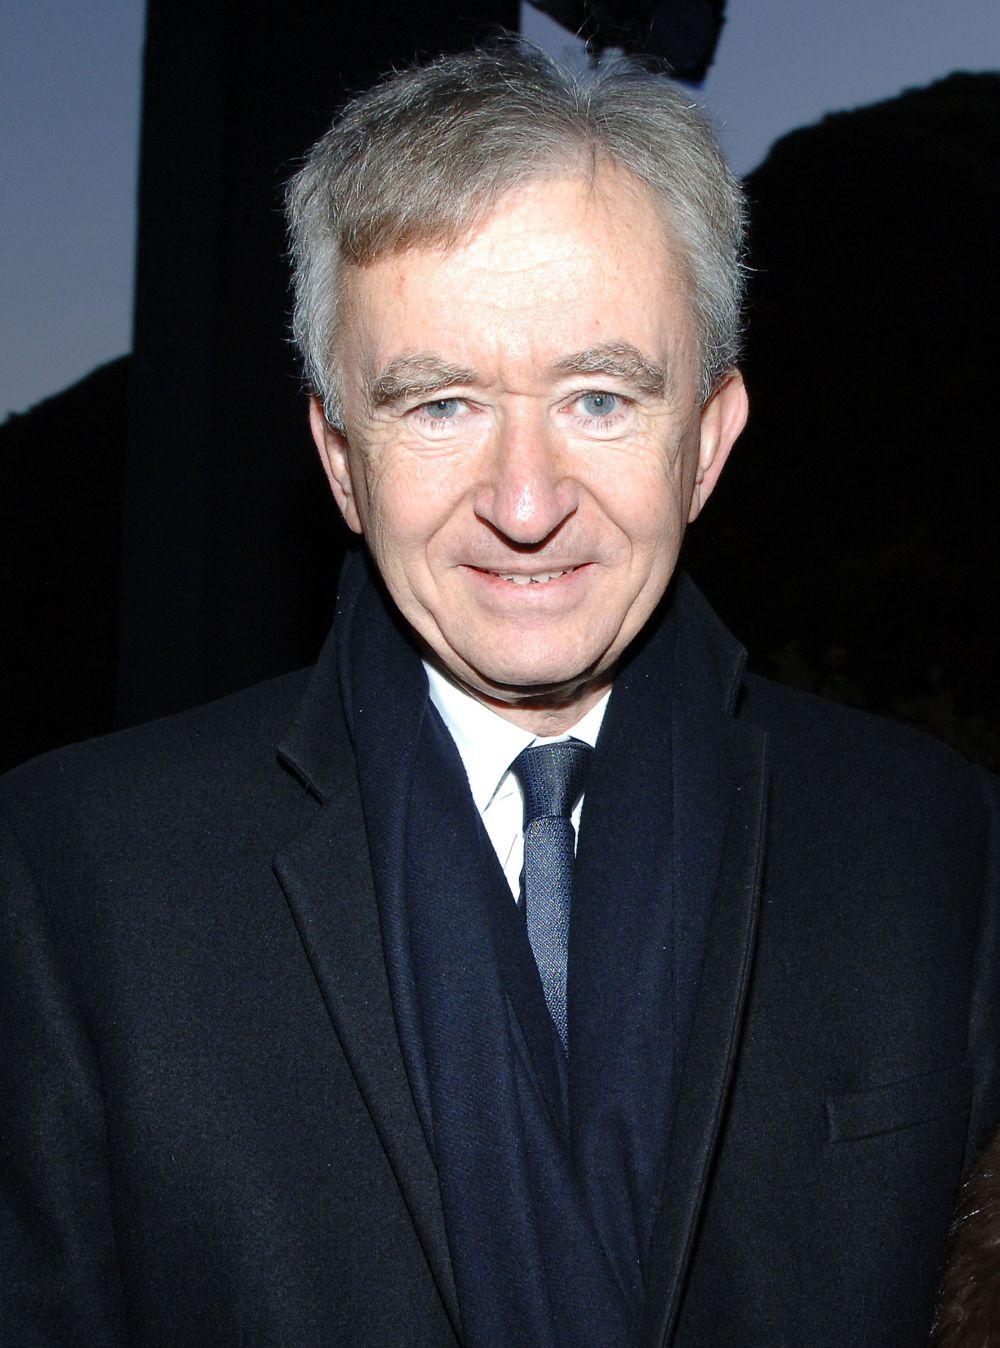 Бернар Арно - французский предприниматель, президент группы компаний Louis Vuitton Moët Hennessy. Его состояние оценивается в $54 млрд